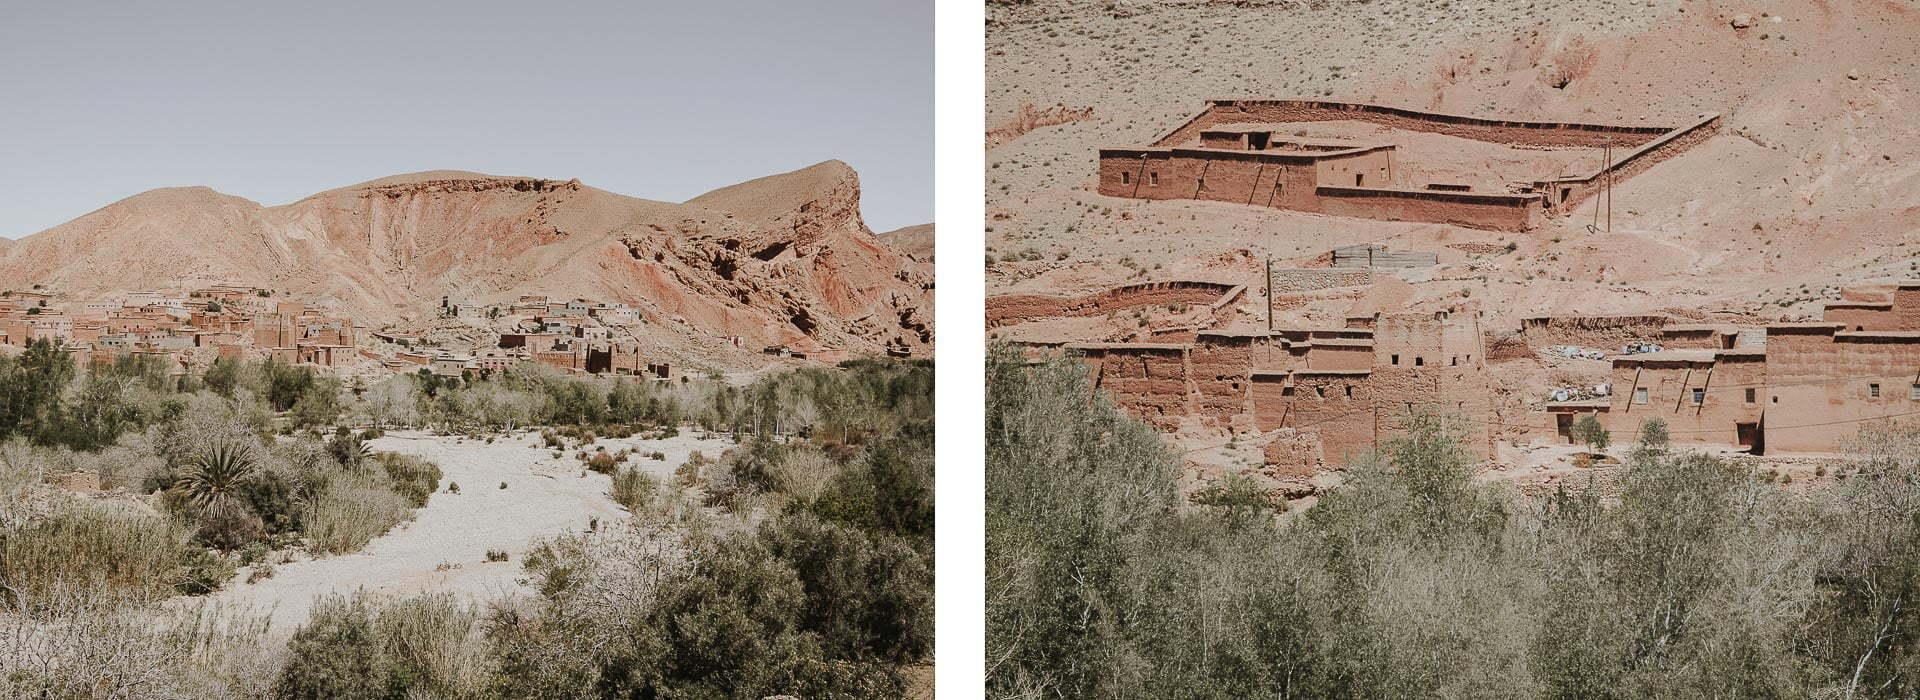 Maroko - Kazby iKsary